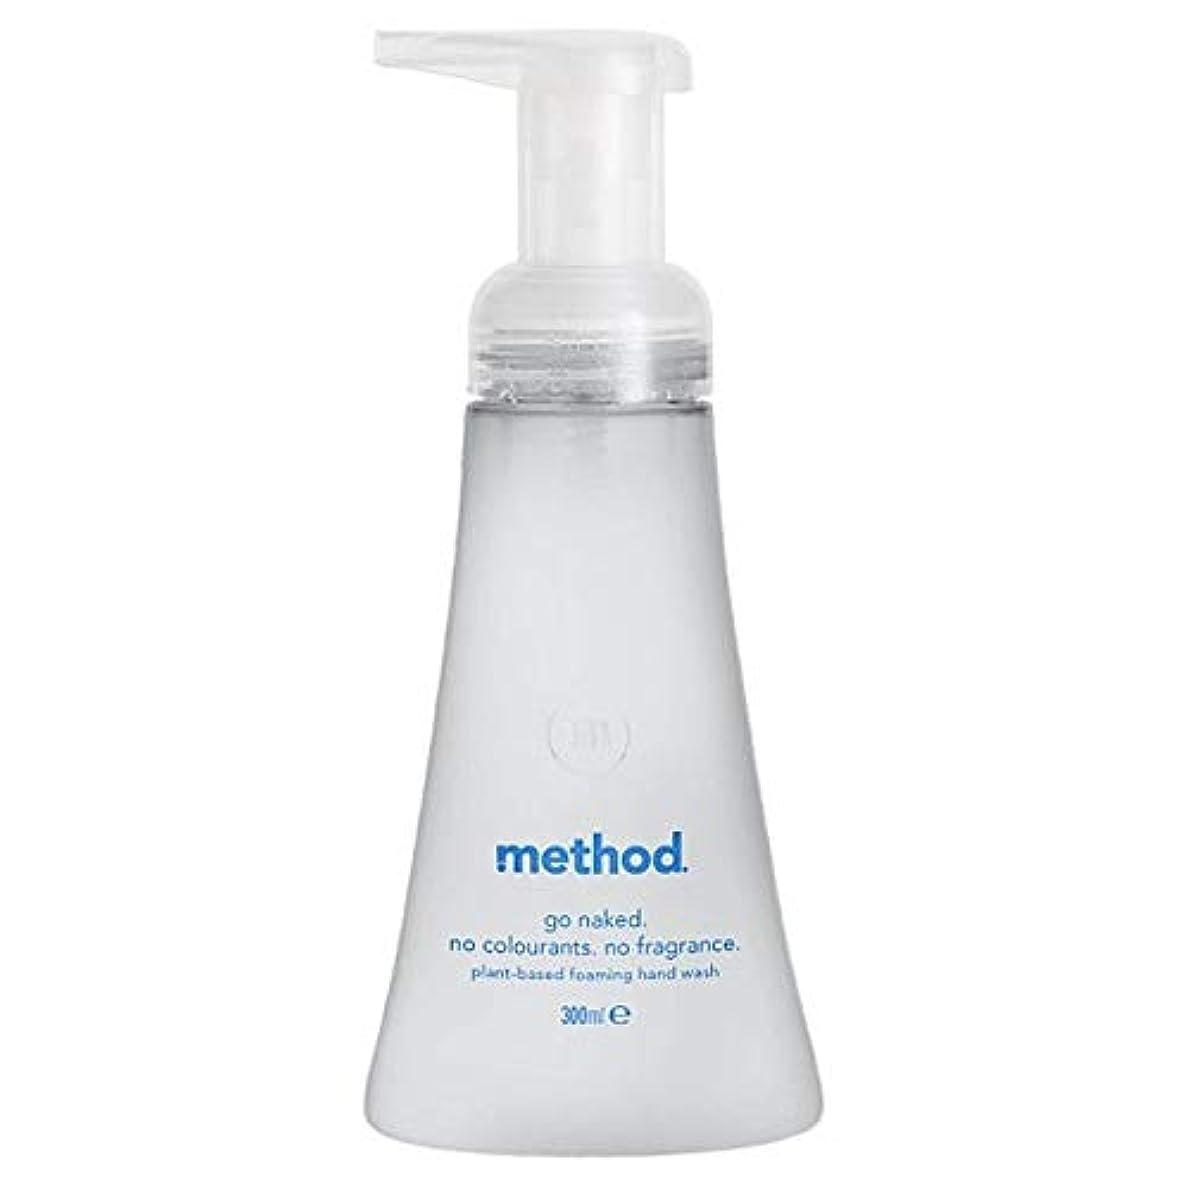 環境保護主義者件名学校[Method ] メソッド裸発泡手洗いの300ミリリットル - Method Naked Foaming Handwash 300Ml [並行輸入品]